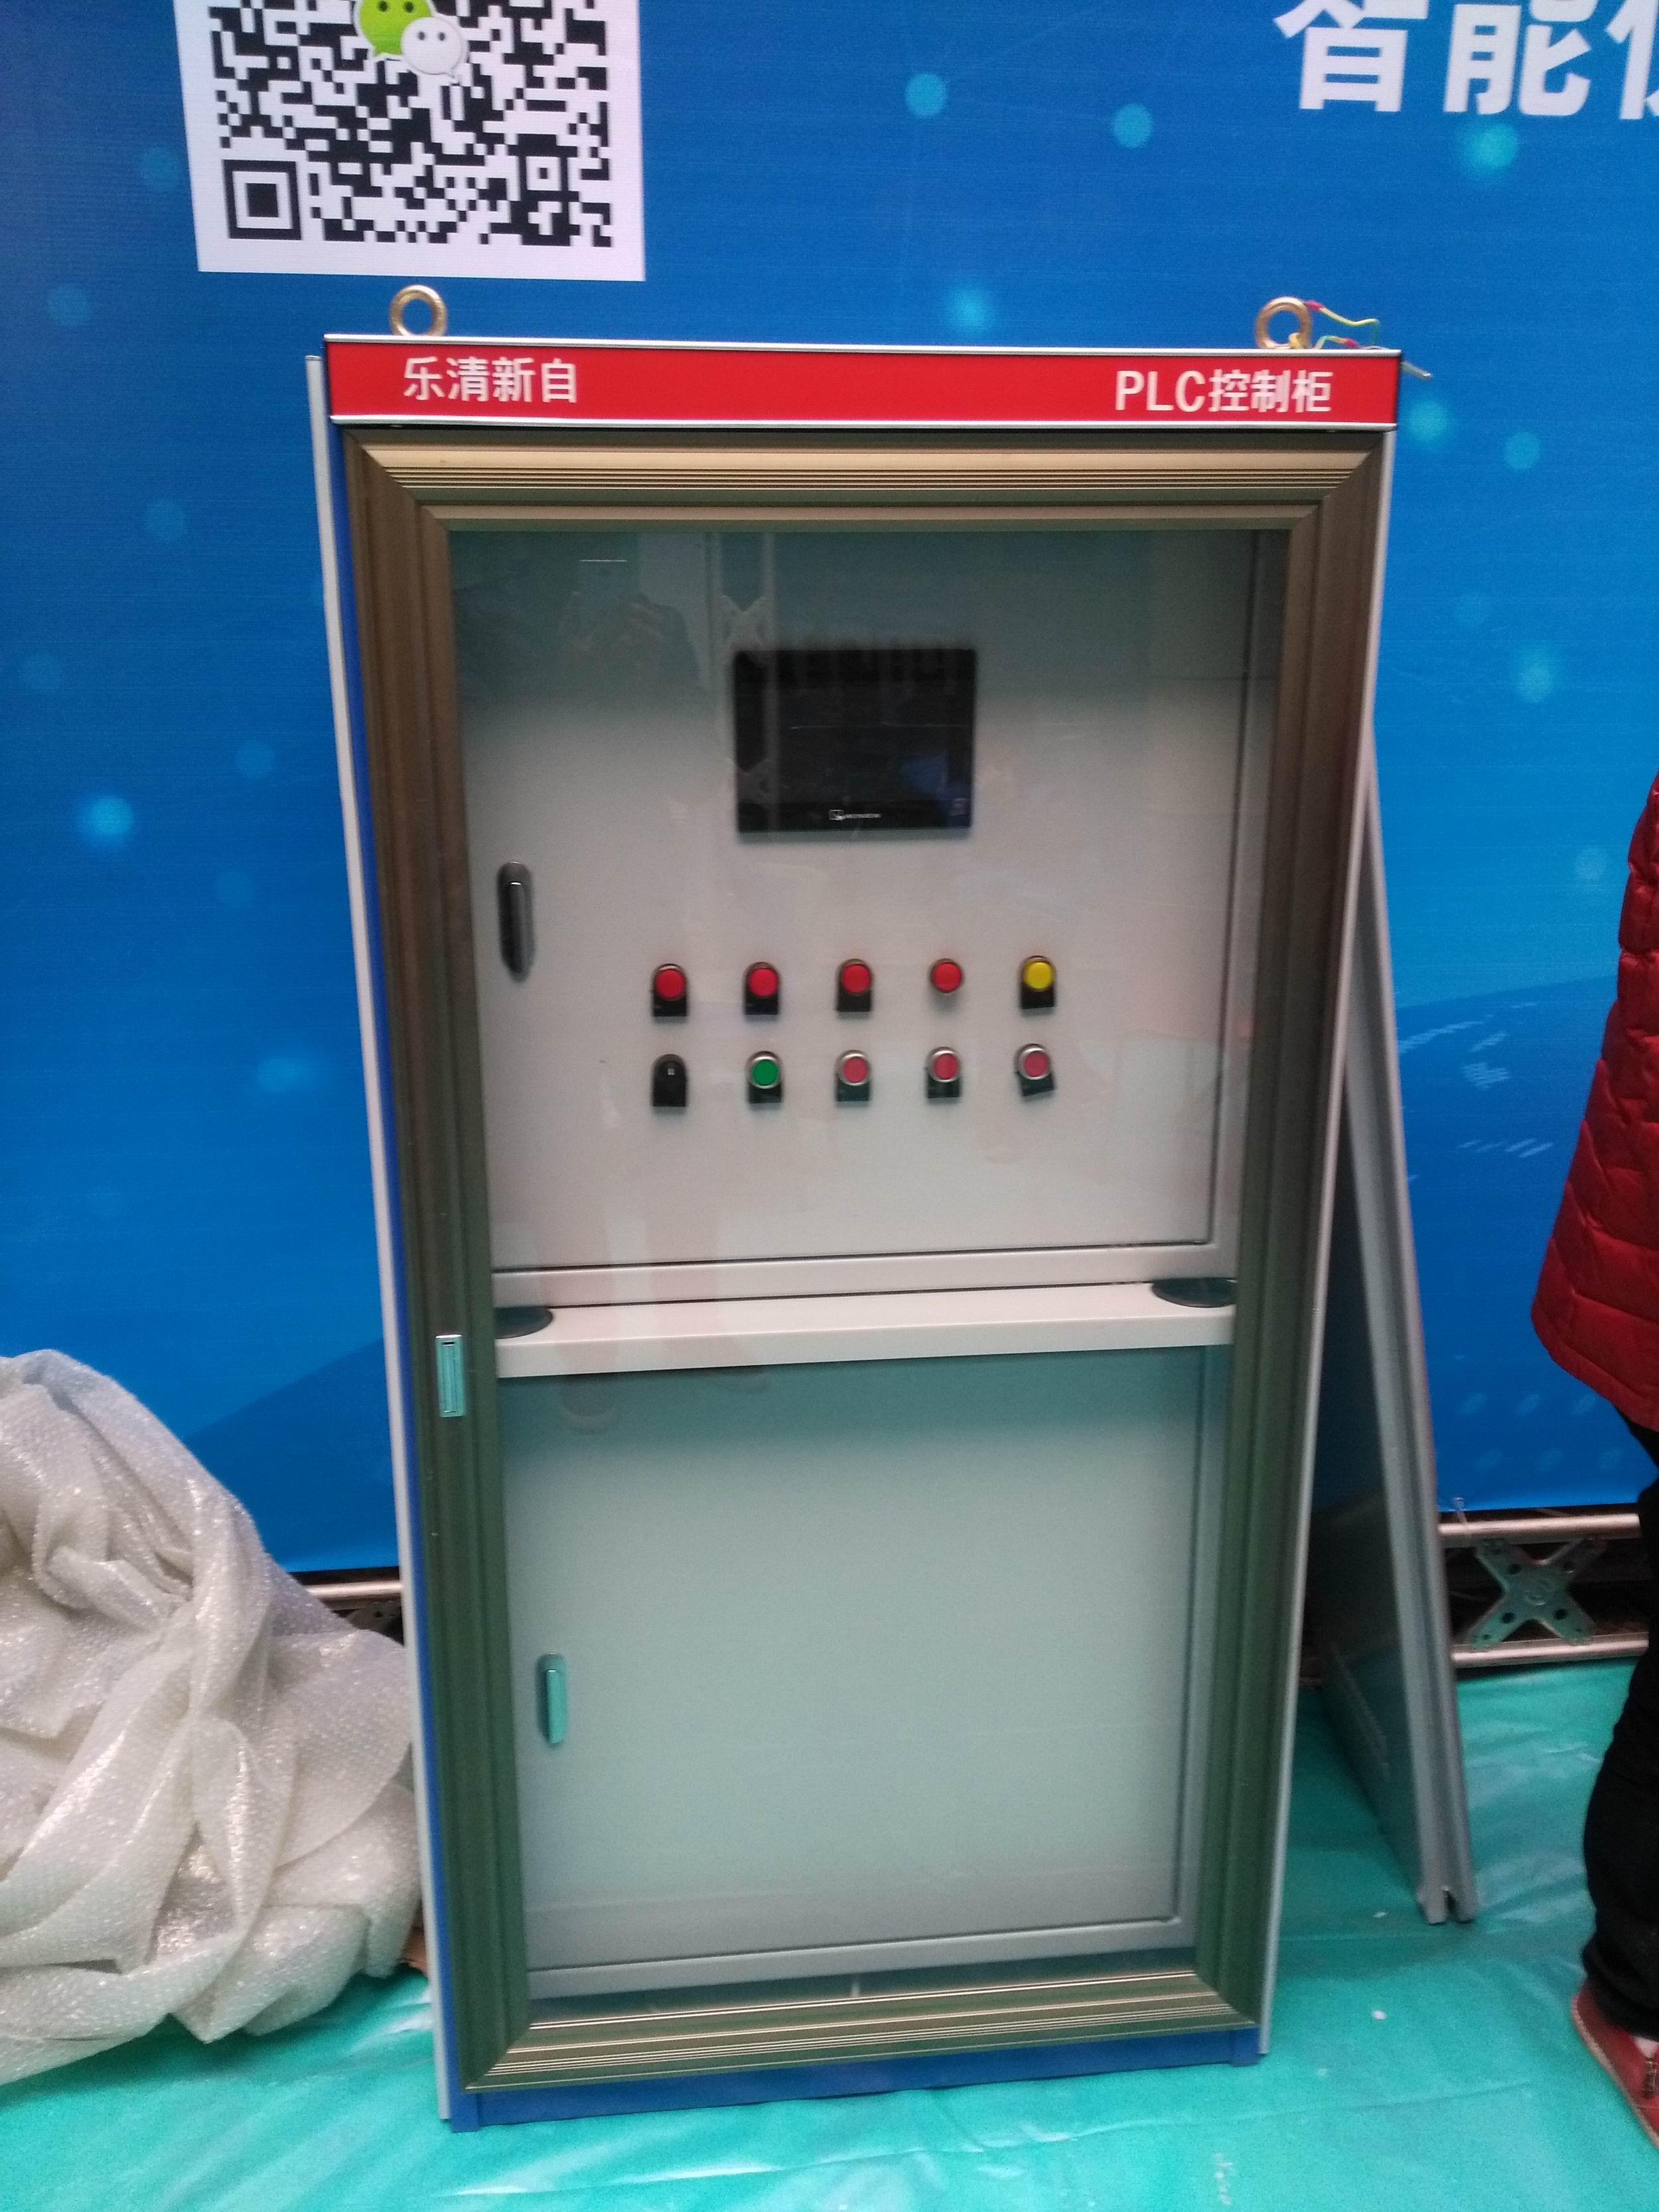 滁州污水处理PLC配电柜价格